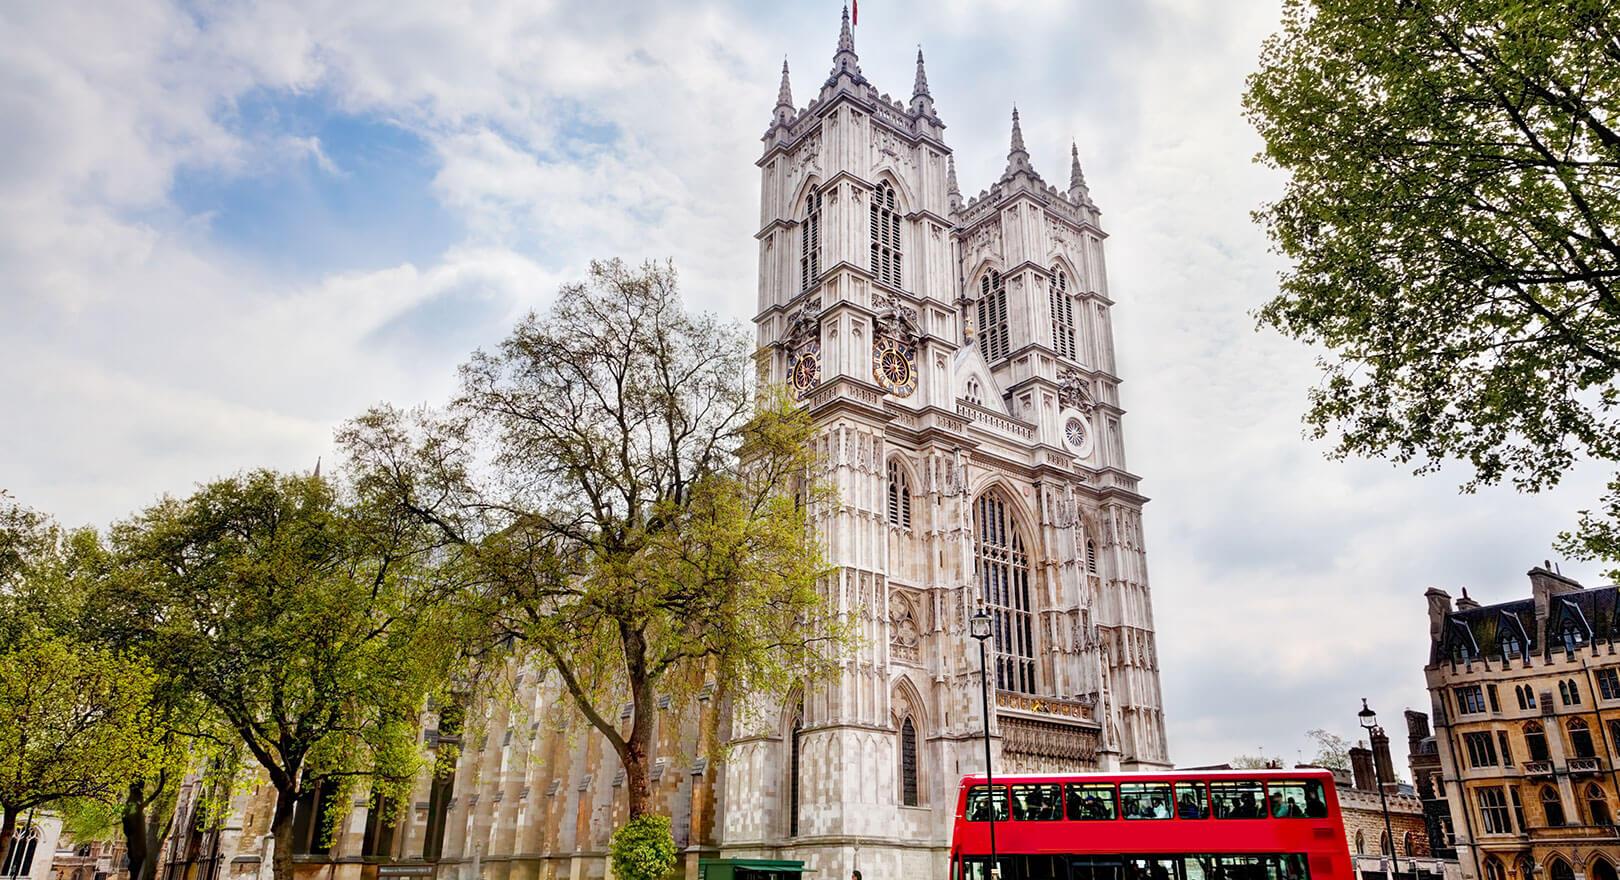 Sprachreise nach England – alles rund um die Reise zur Sprachverbesserung nach Great Britain